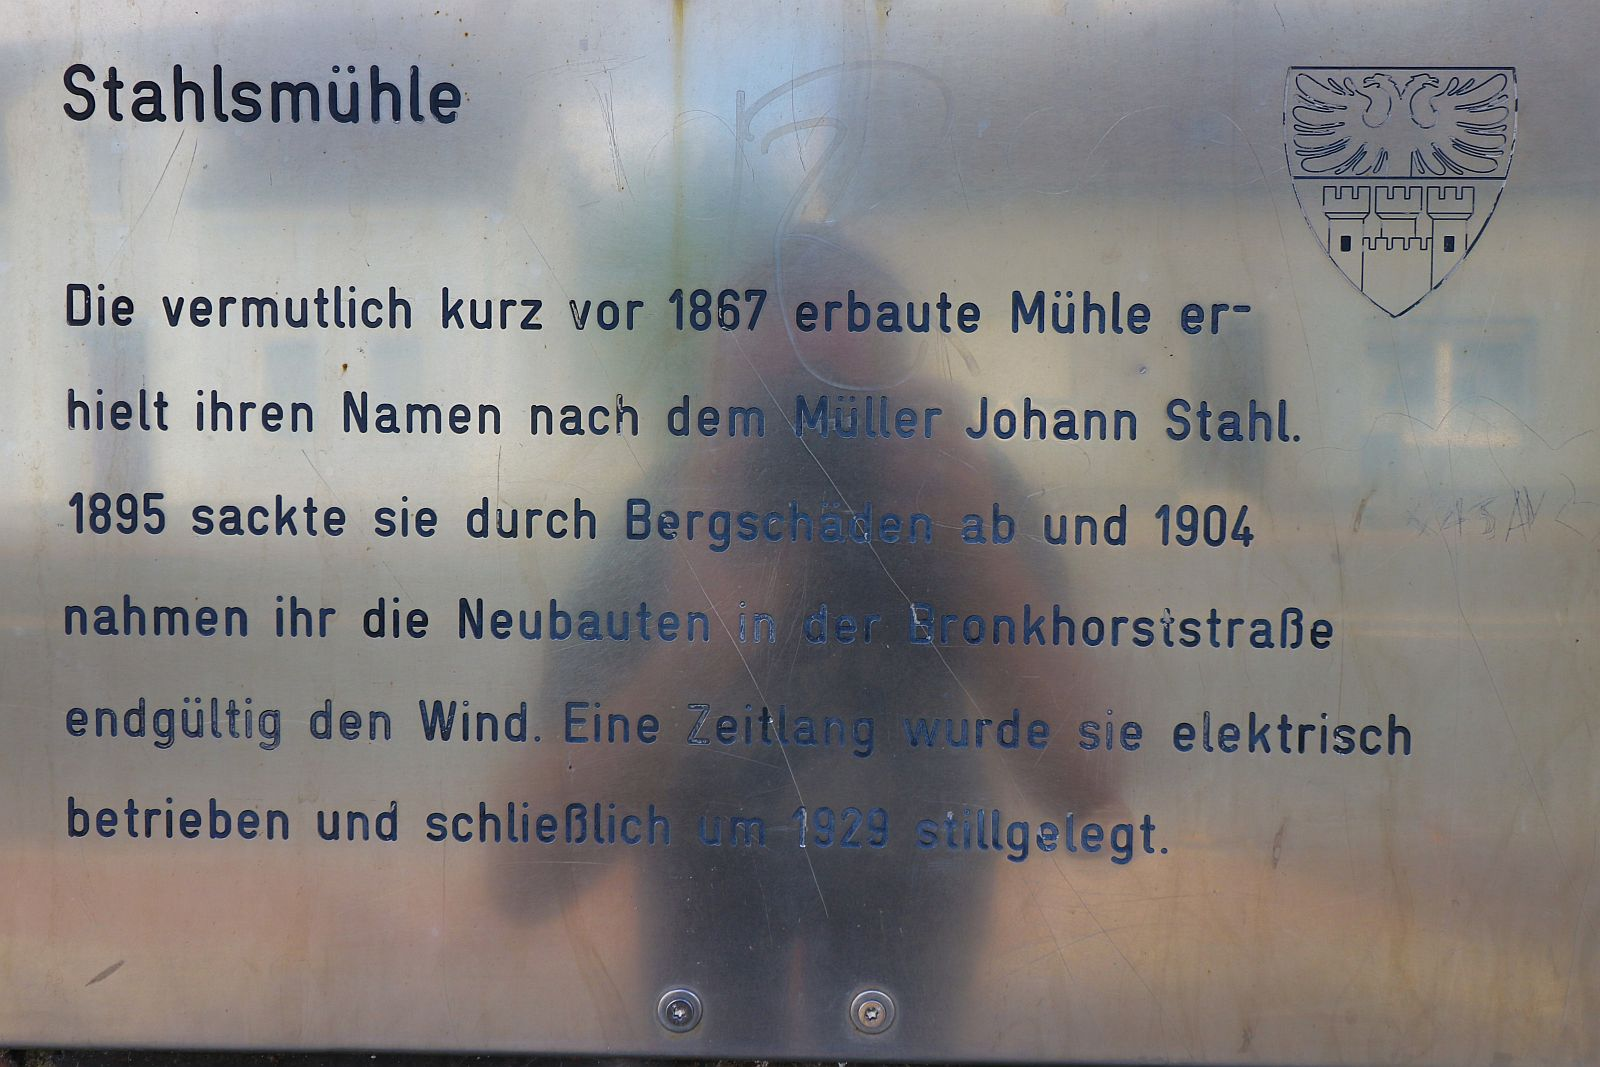 Stahlsmühle in Duisburg Meiderich. 227